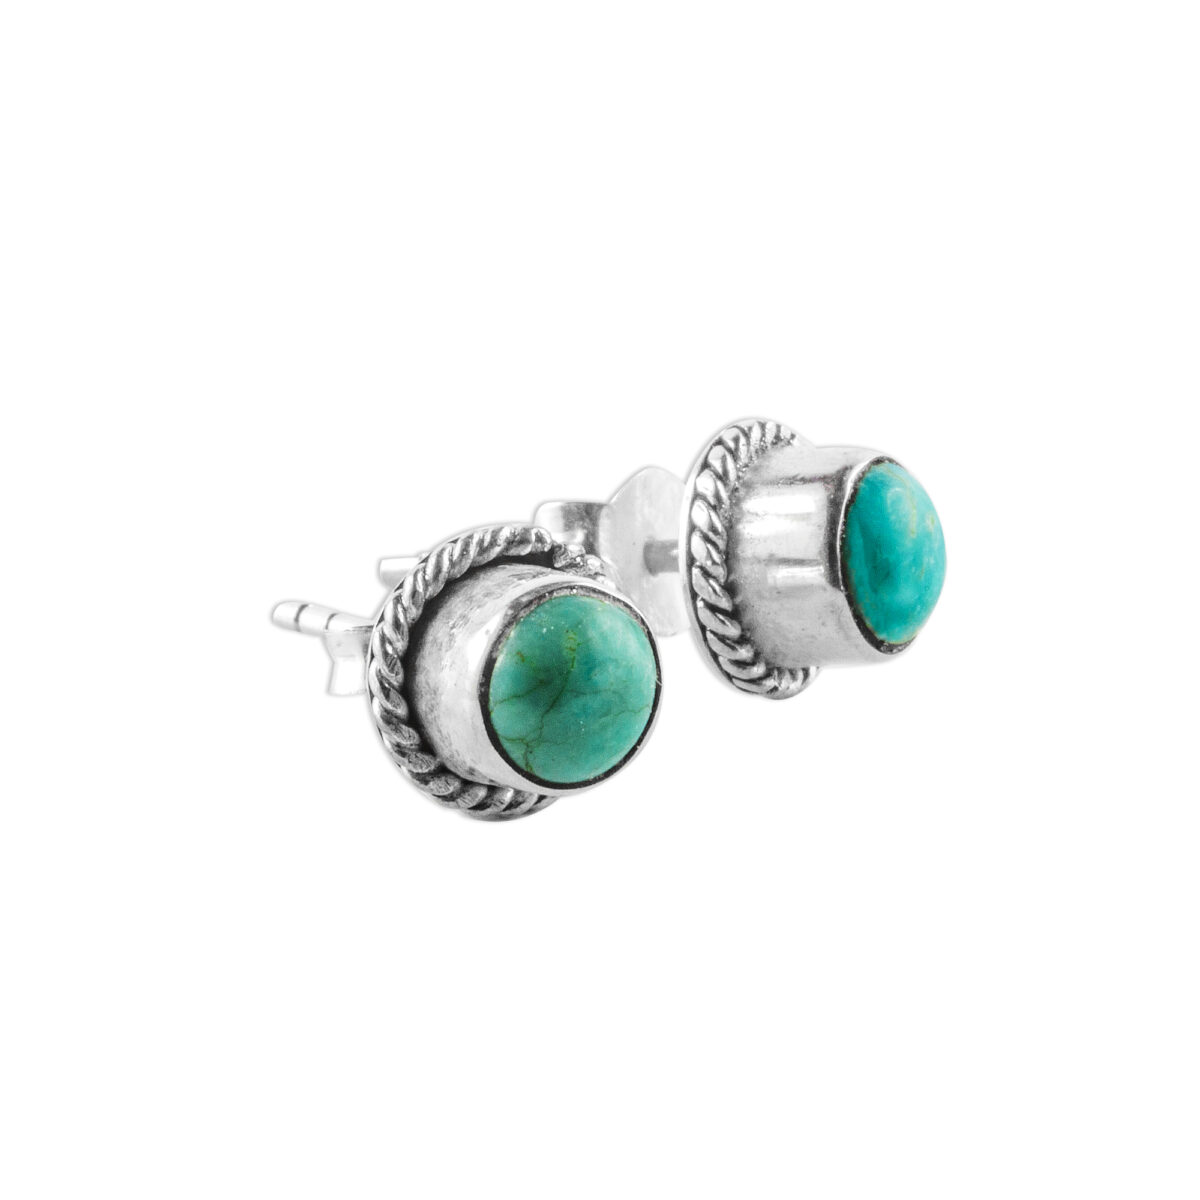 boucles d'oreilles turquoise argent perle de jade